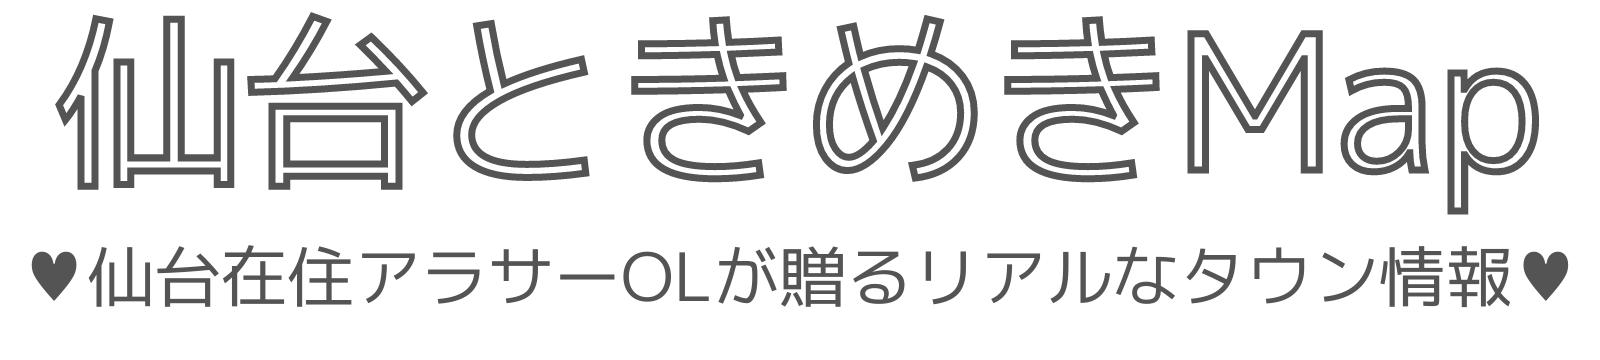 仙台ときめきMap